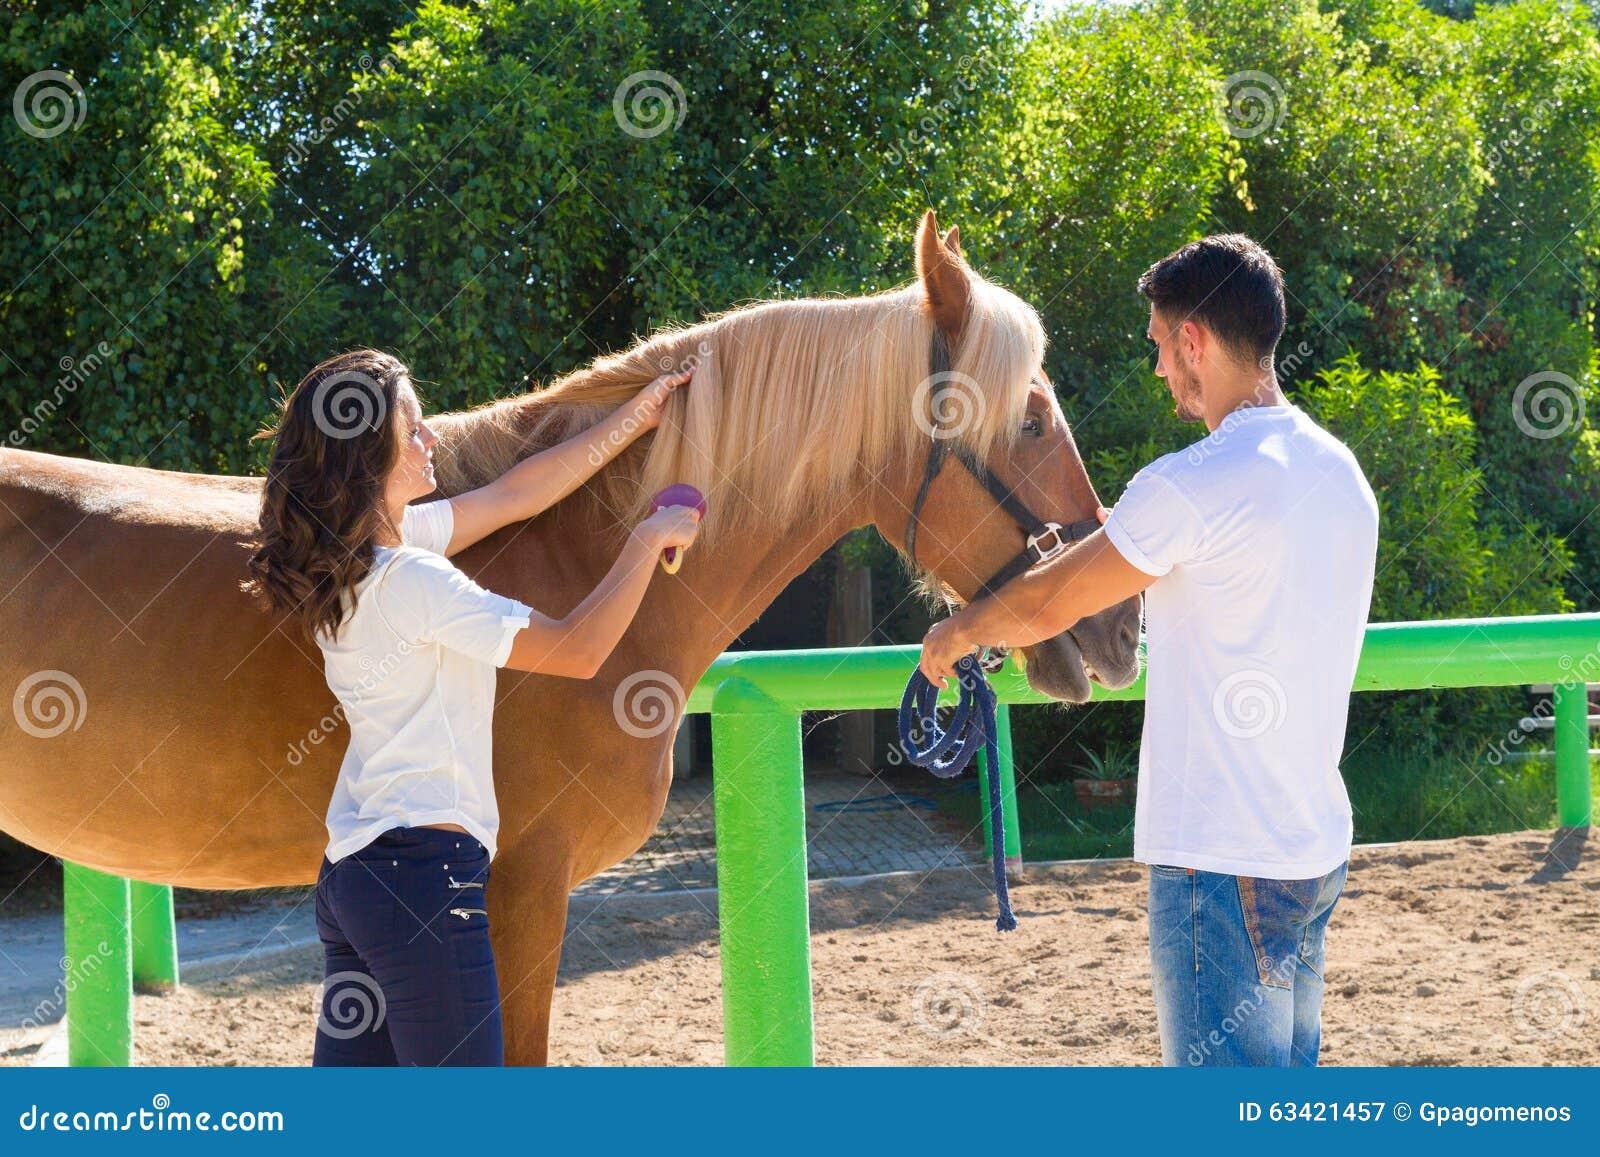 Attraktive junge Paare, die eine braune Frau pflegen